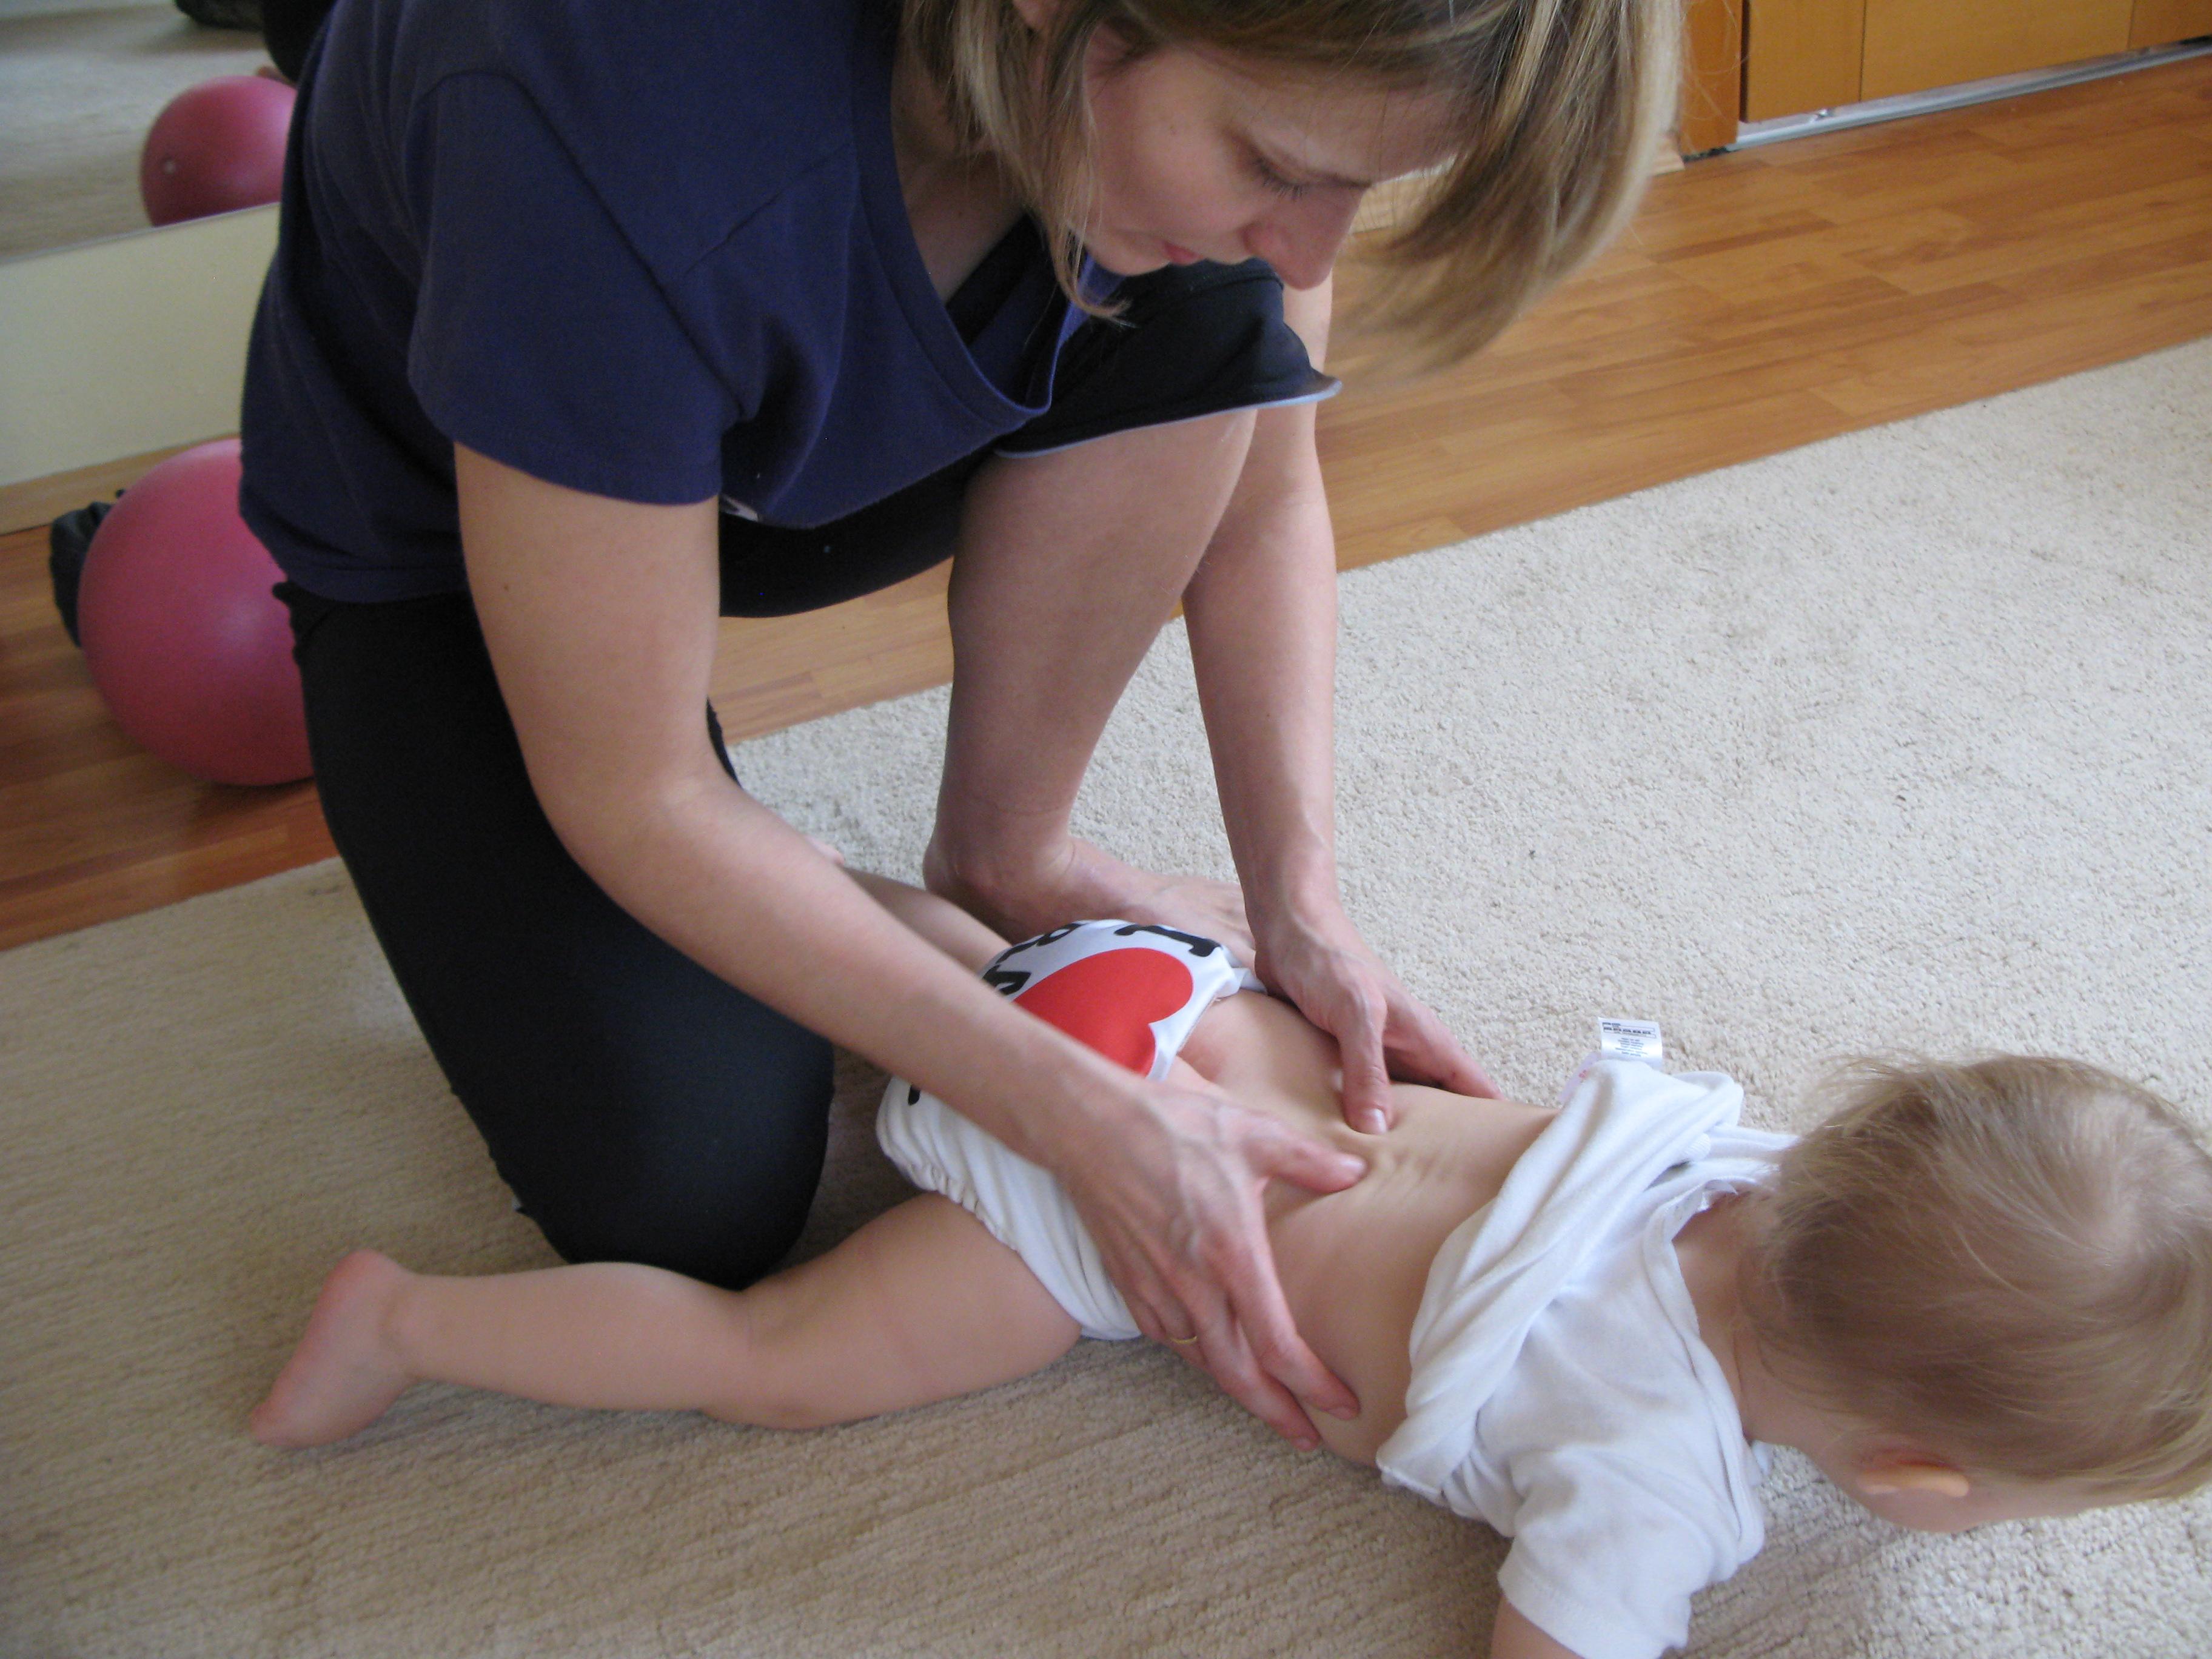 Frank Pálfi Tímea Dorn tanfolyam babák kezelése 4